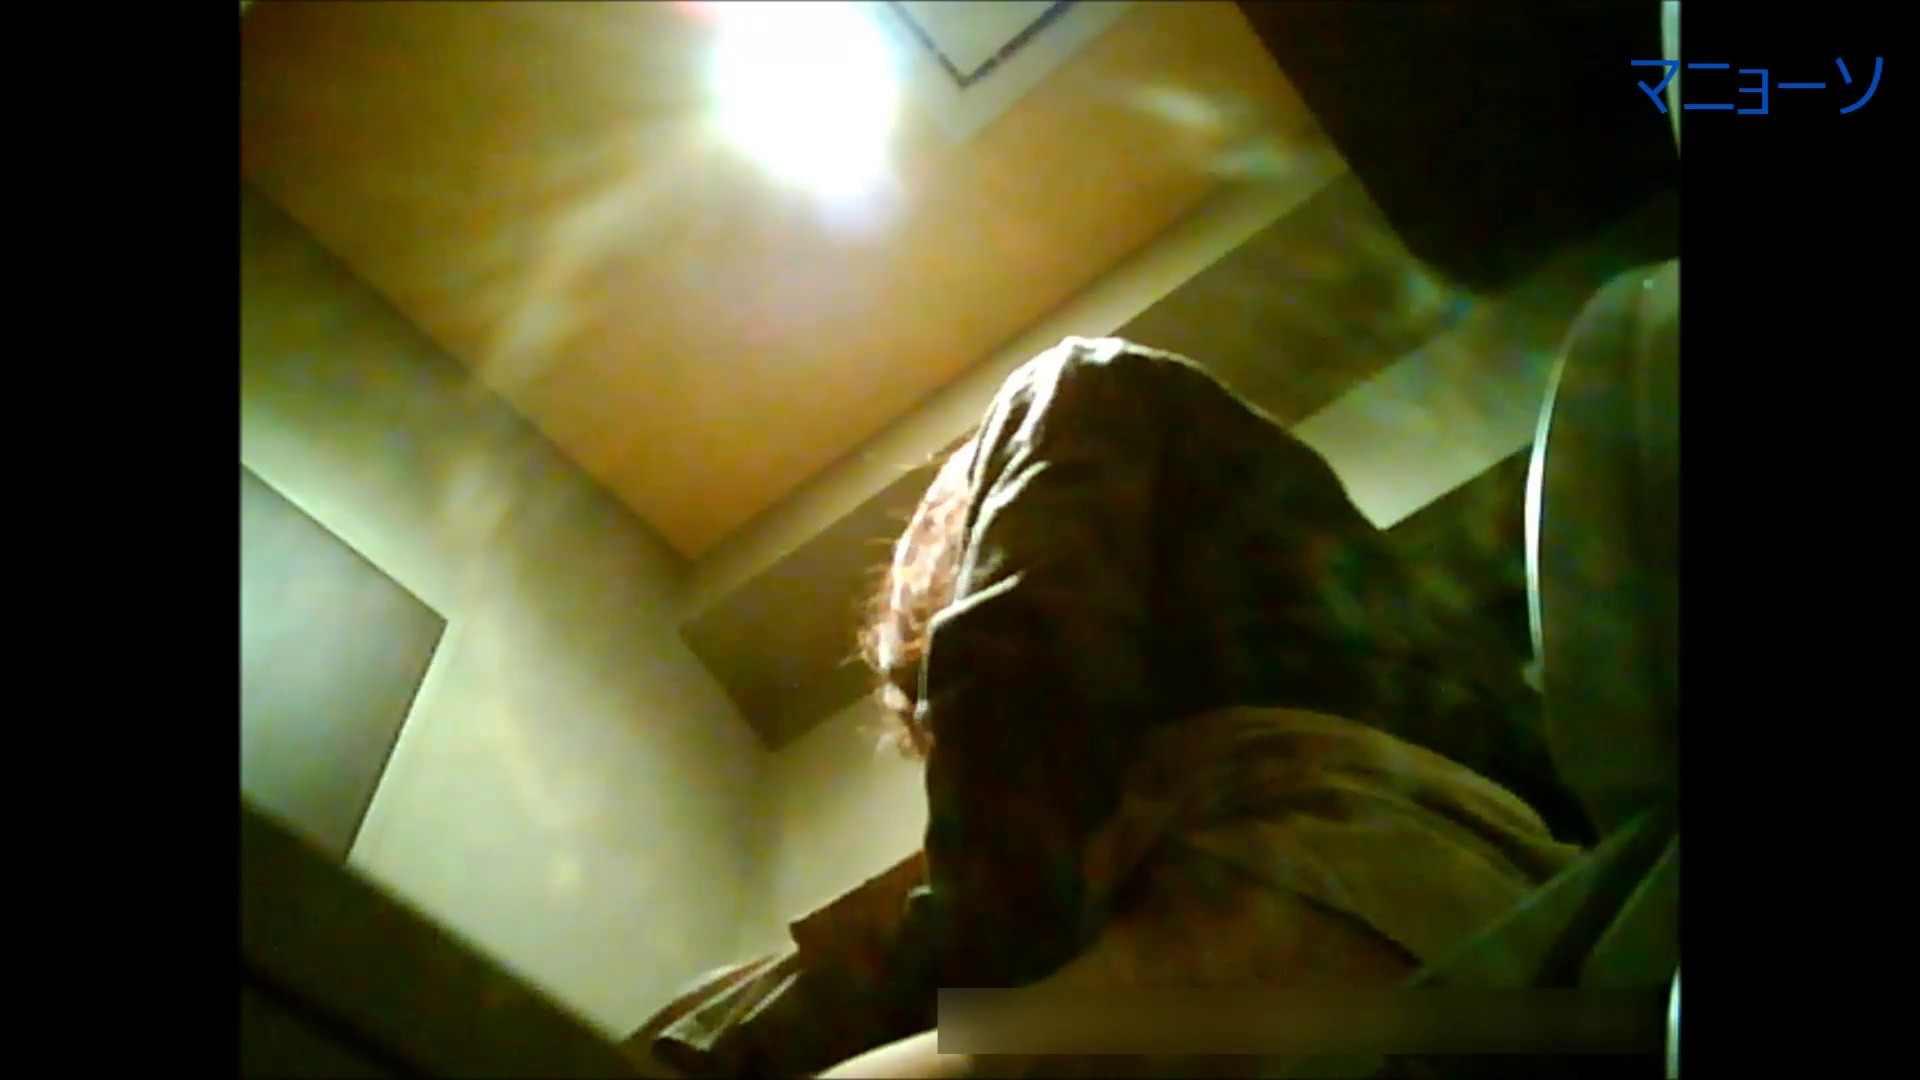 トイレでひと肌脱いでもらいました (JD編)Vol.01 トイレ中 | OL  67連発 42